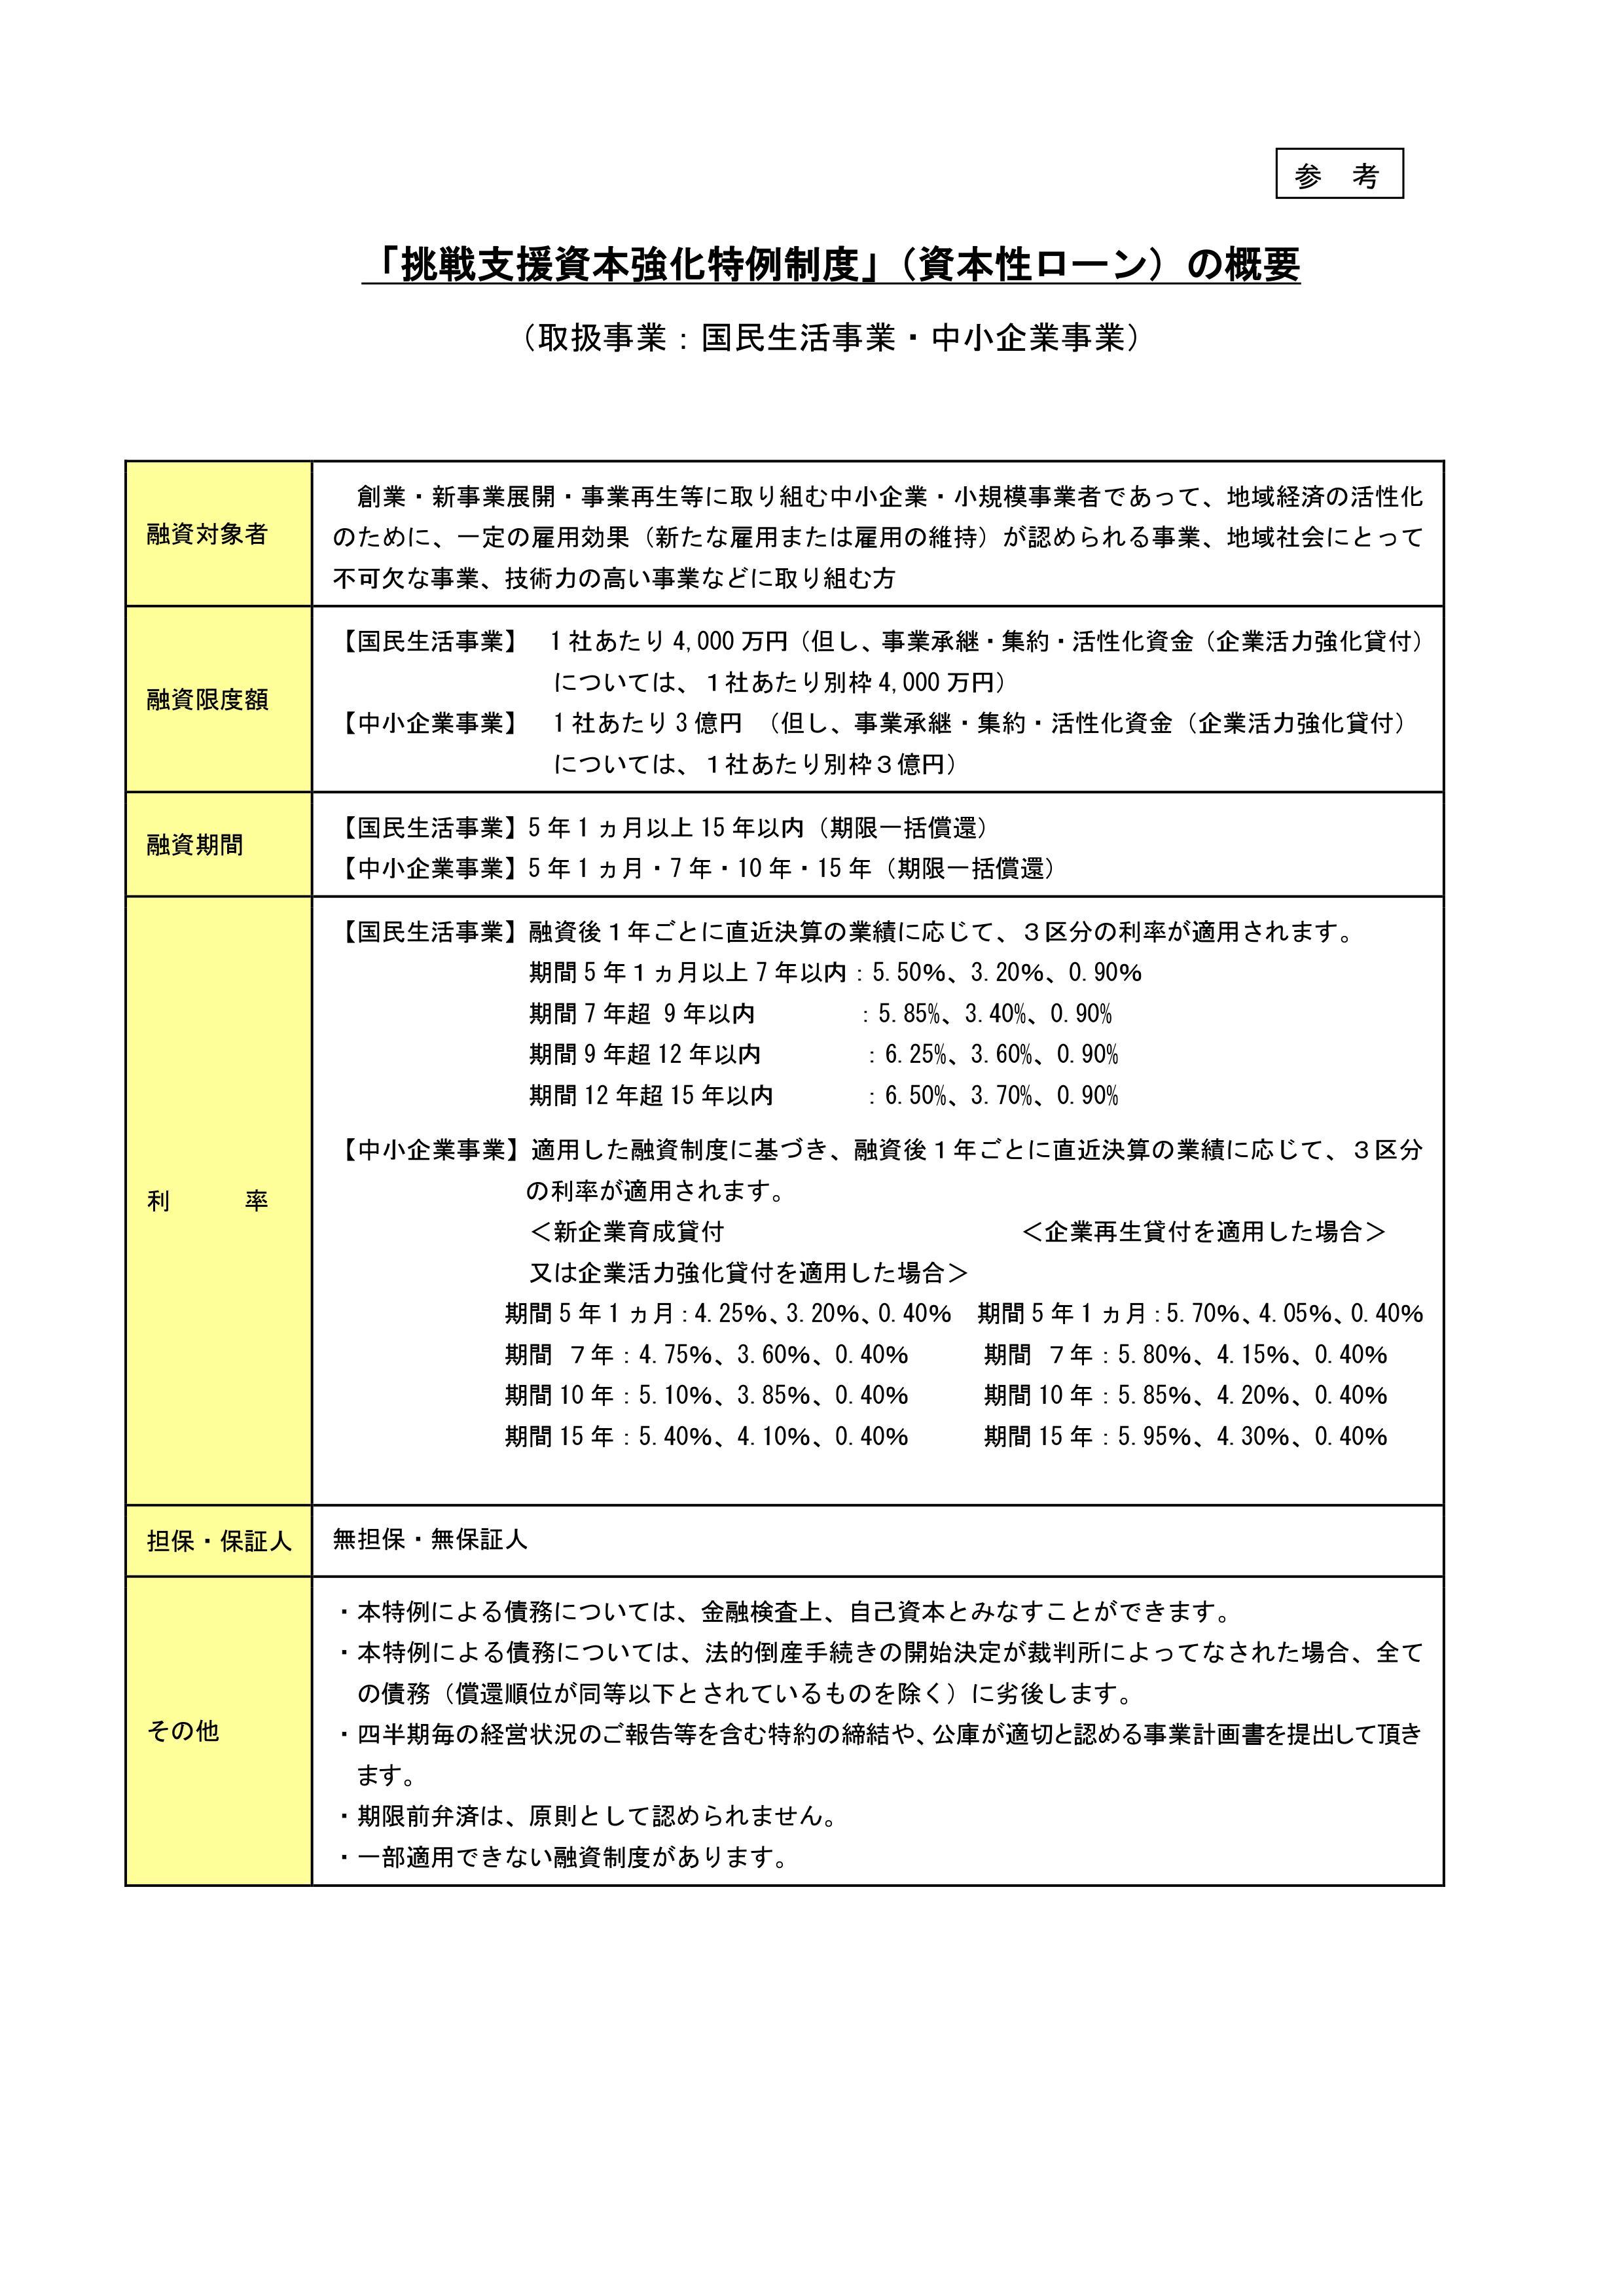 日本政策金融公庫リリース3